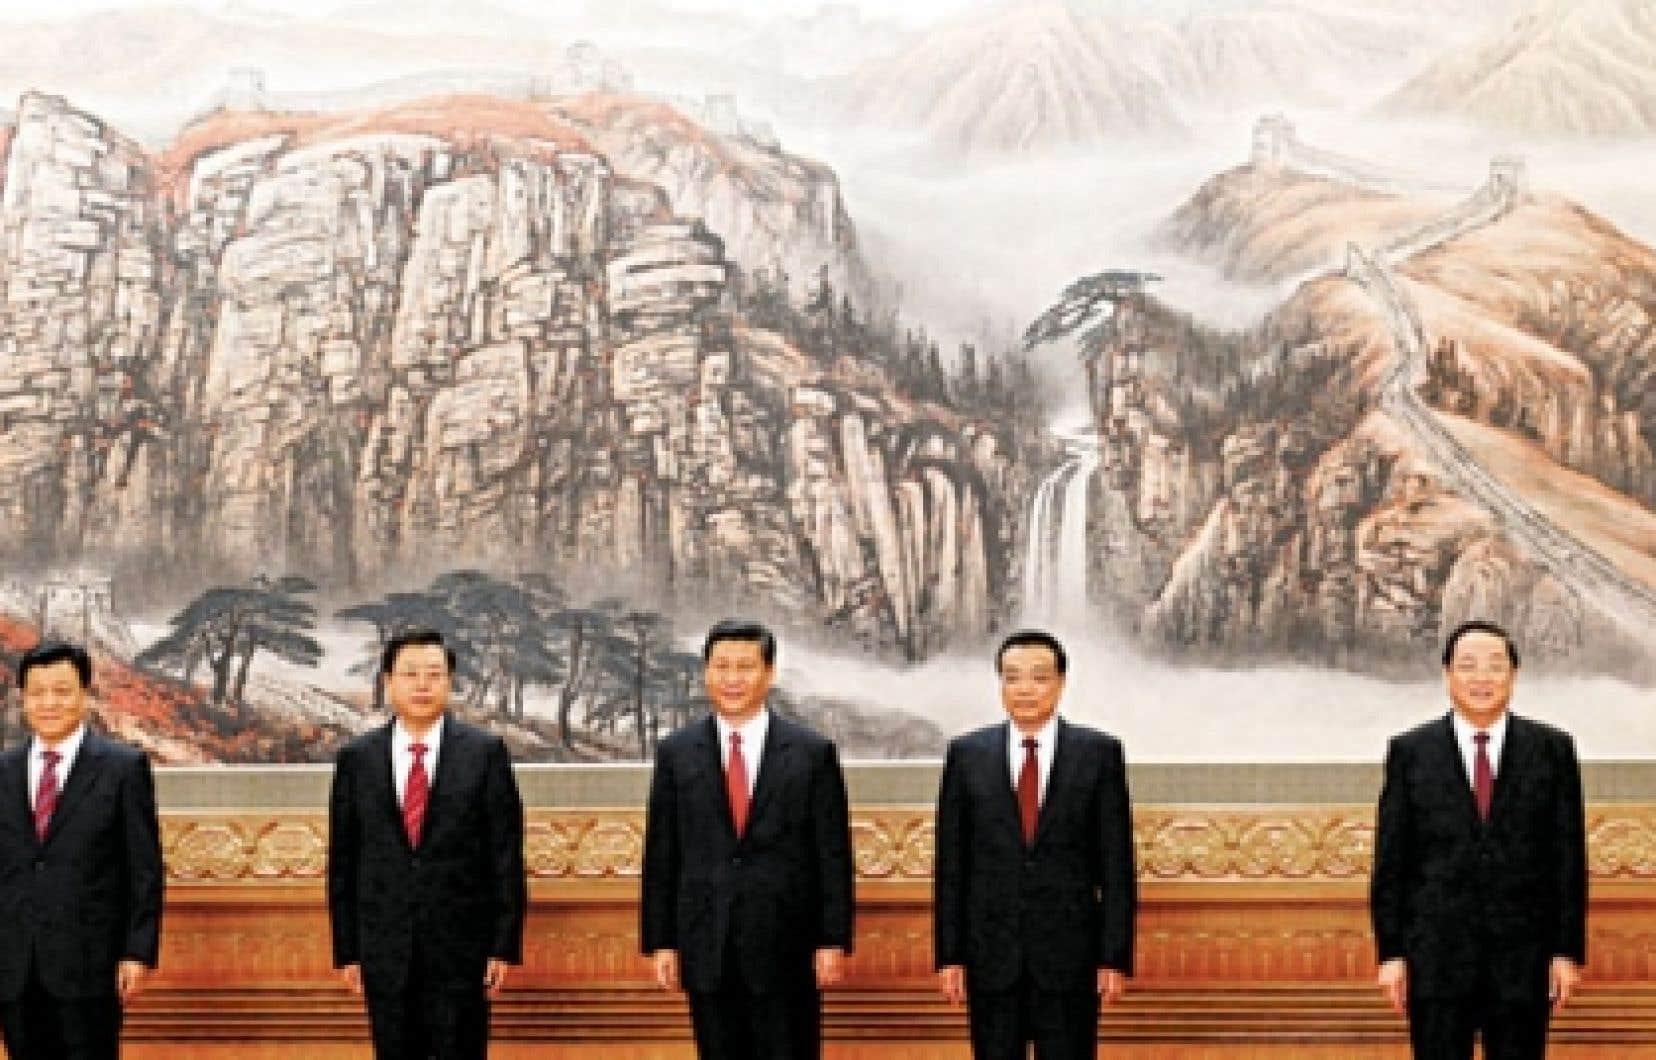 Le comité permanent du Bureau politique du PCC est passé de neuf à sept membres, dont Xi Jinping (au centre).